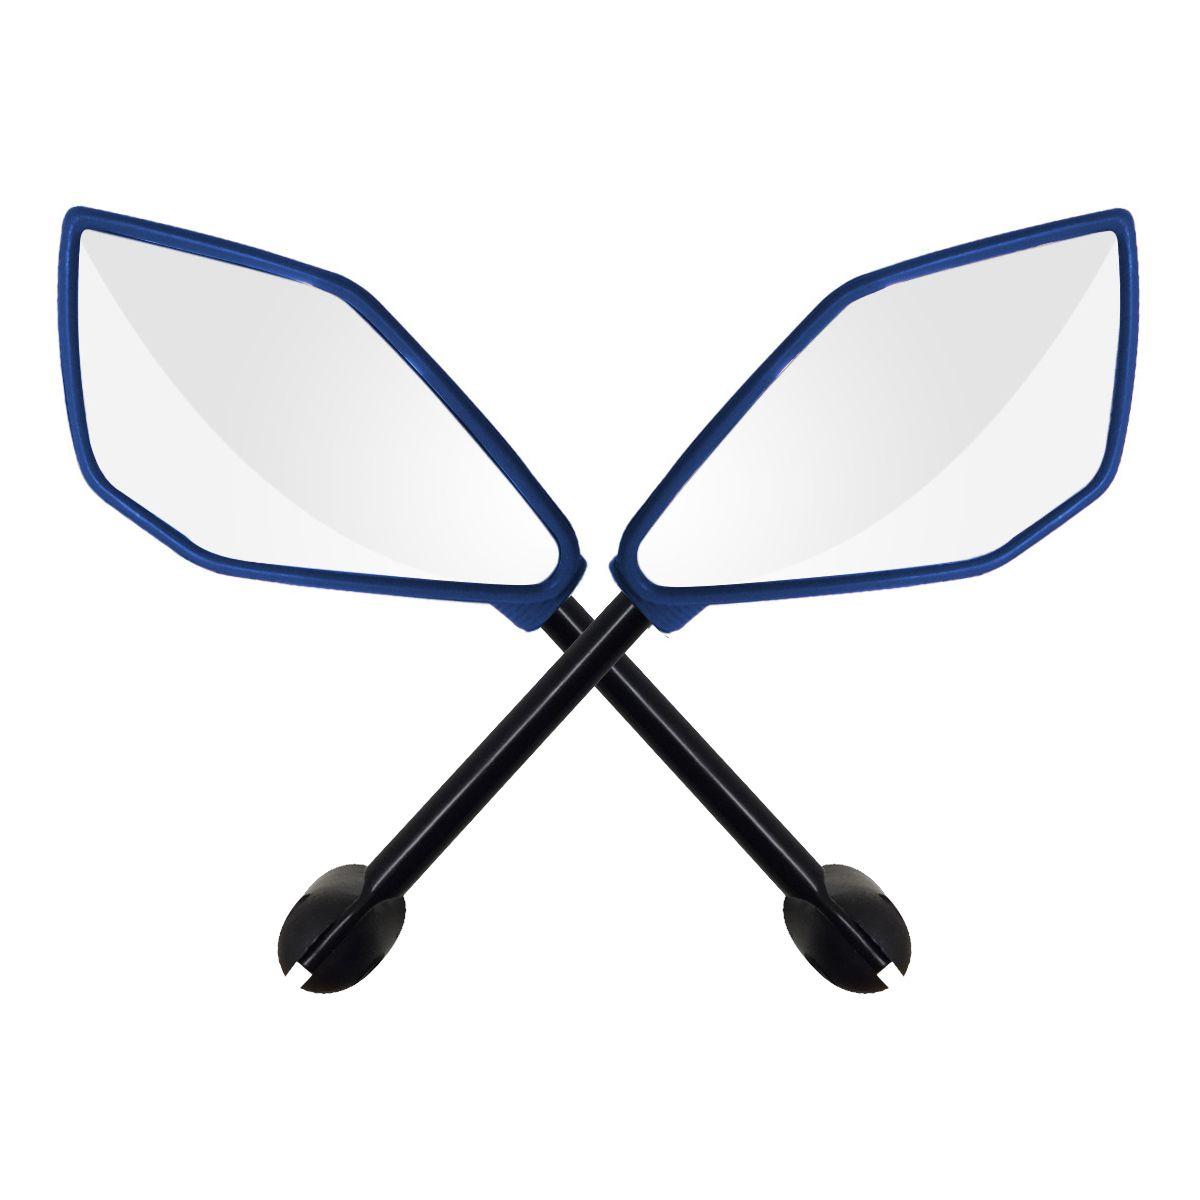 Espelho Retrovisor Honda - Direito e Esquerdo c/ Articulador - Azul - Rizoma Naja - Maximo